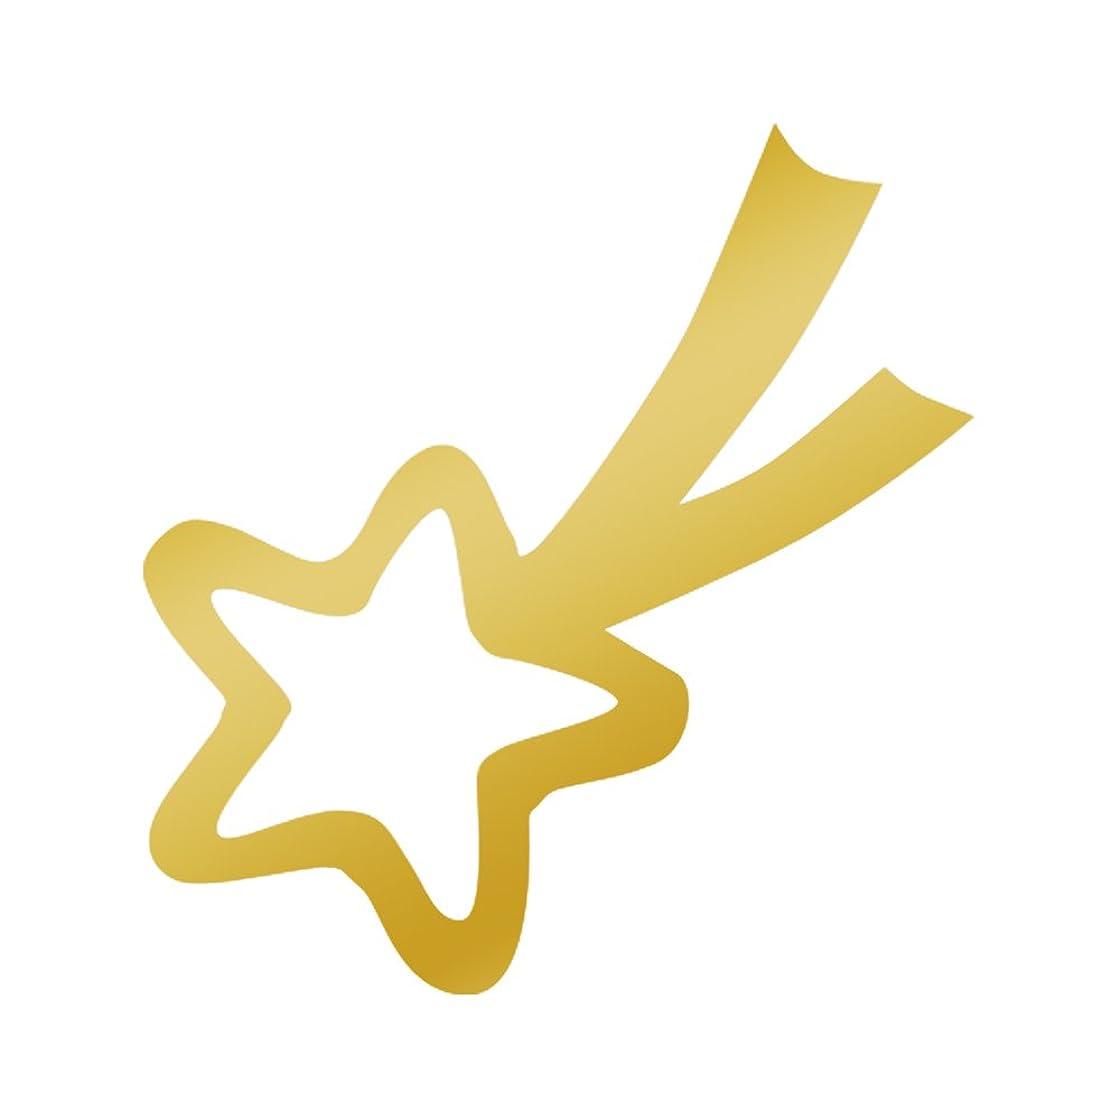 統計的ばかげた習熟度リトルプリティー ネイルアートパーツ 流れ星 S ゴールド 10個